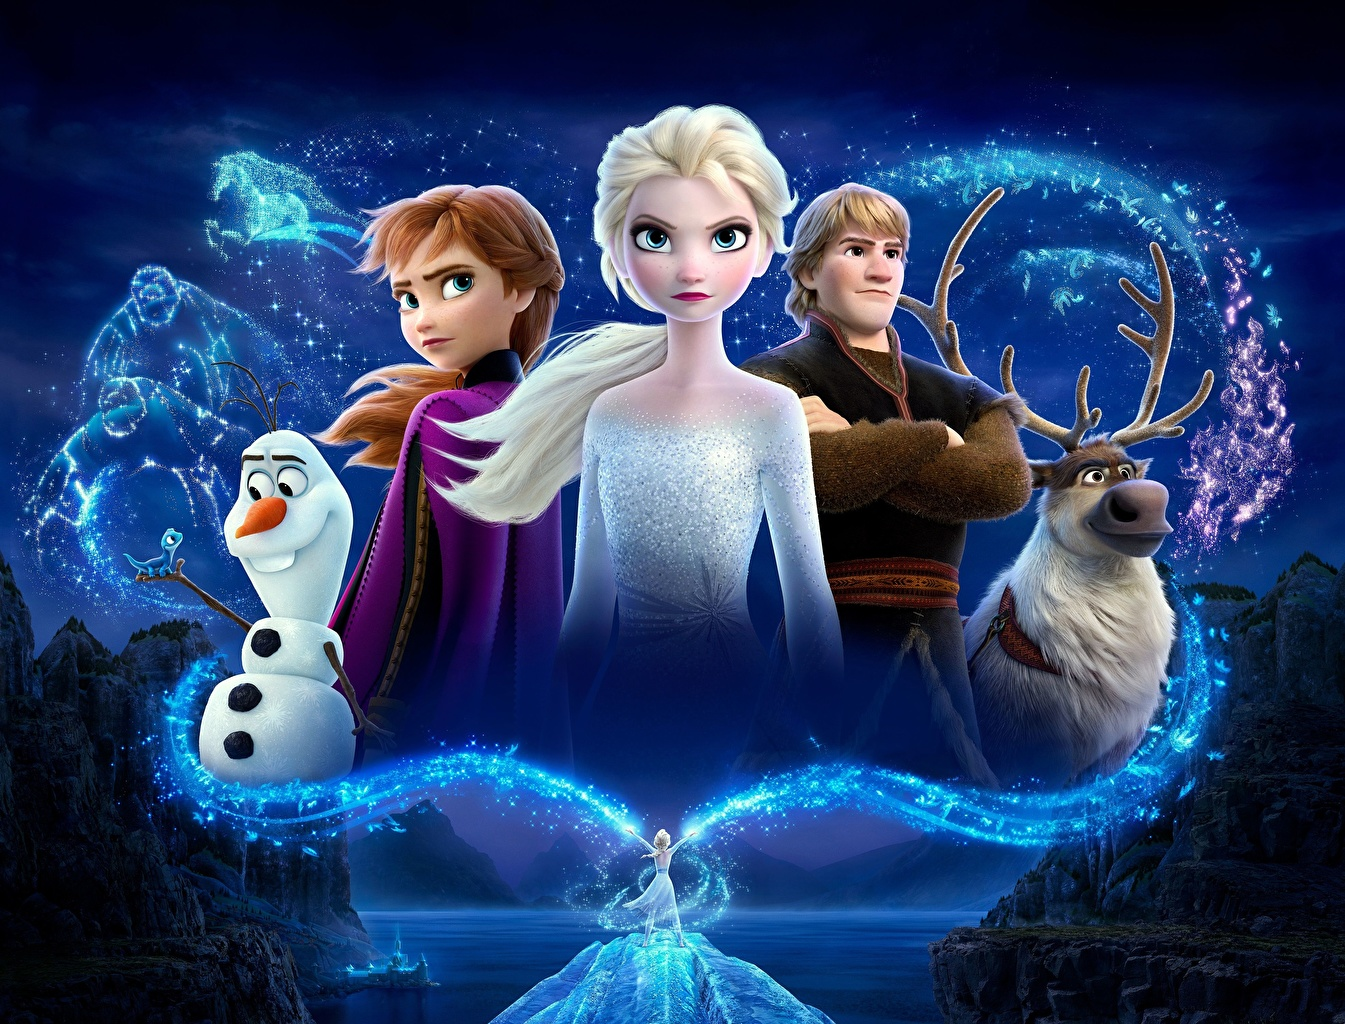 Фотография Дисней Холодное сердце Олени Парни Kristoff, Olaf, Sven, Anna, Elsa 3д Мультики молодые женщины Снеговики Disney юноша парень подросток Девушки мультик девушка 3D Графика Мультфильмы молодая женщина снеговик снеговика